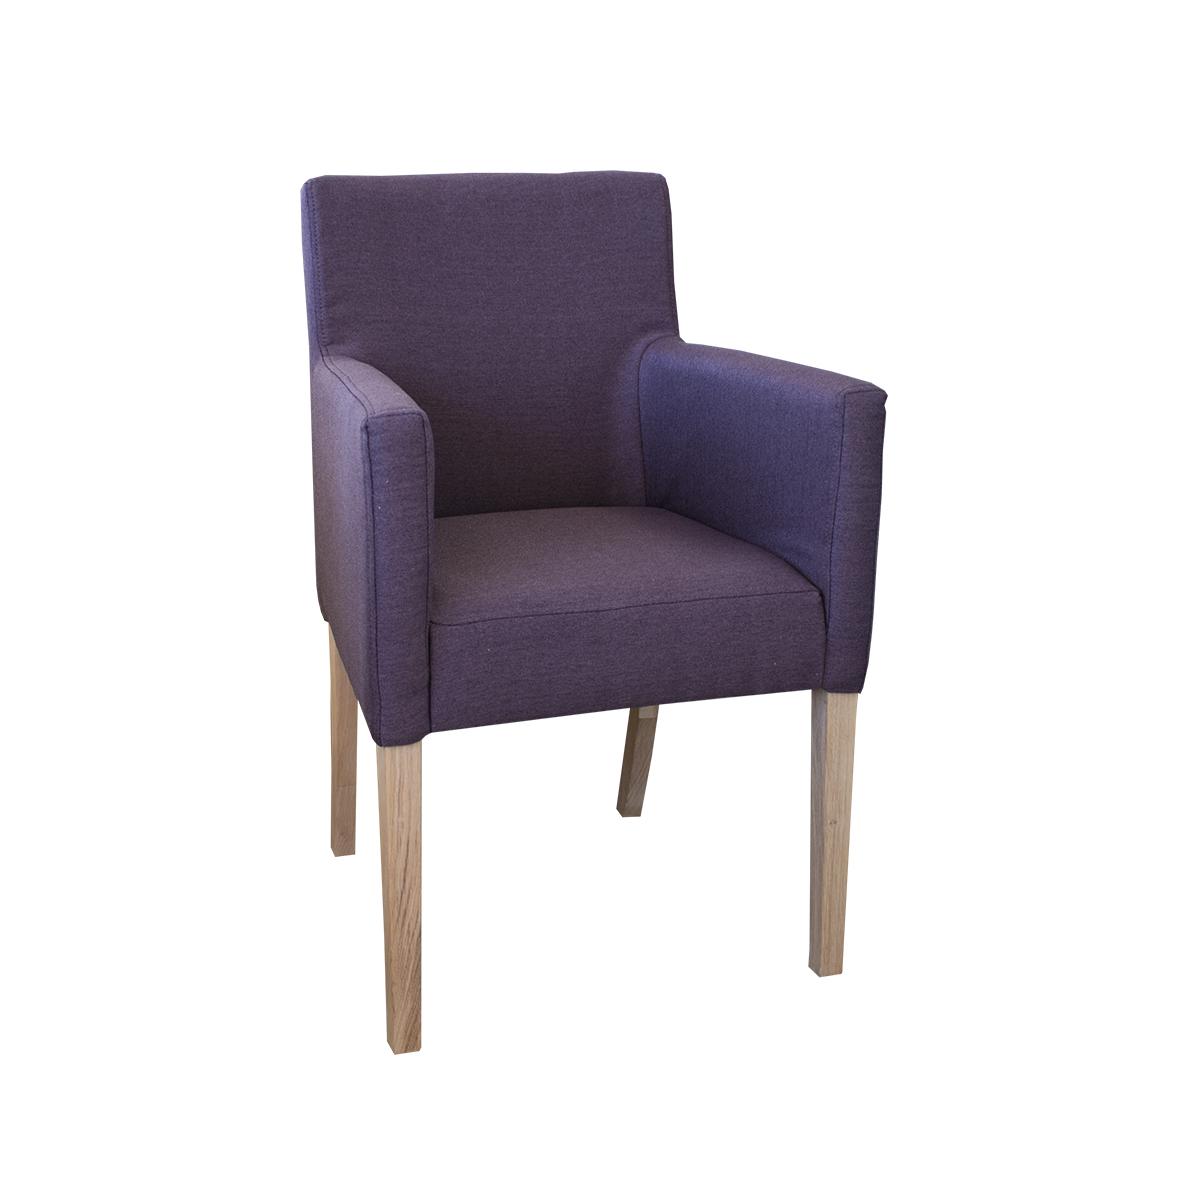 stuhl halle ist ein modischer stuhl und passt in jedes zimmer er ist nur im 2 er set erh ltlich. Black Bedroom Furniture Sets. Home Design Ideas